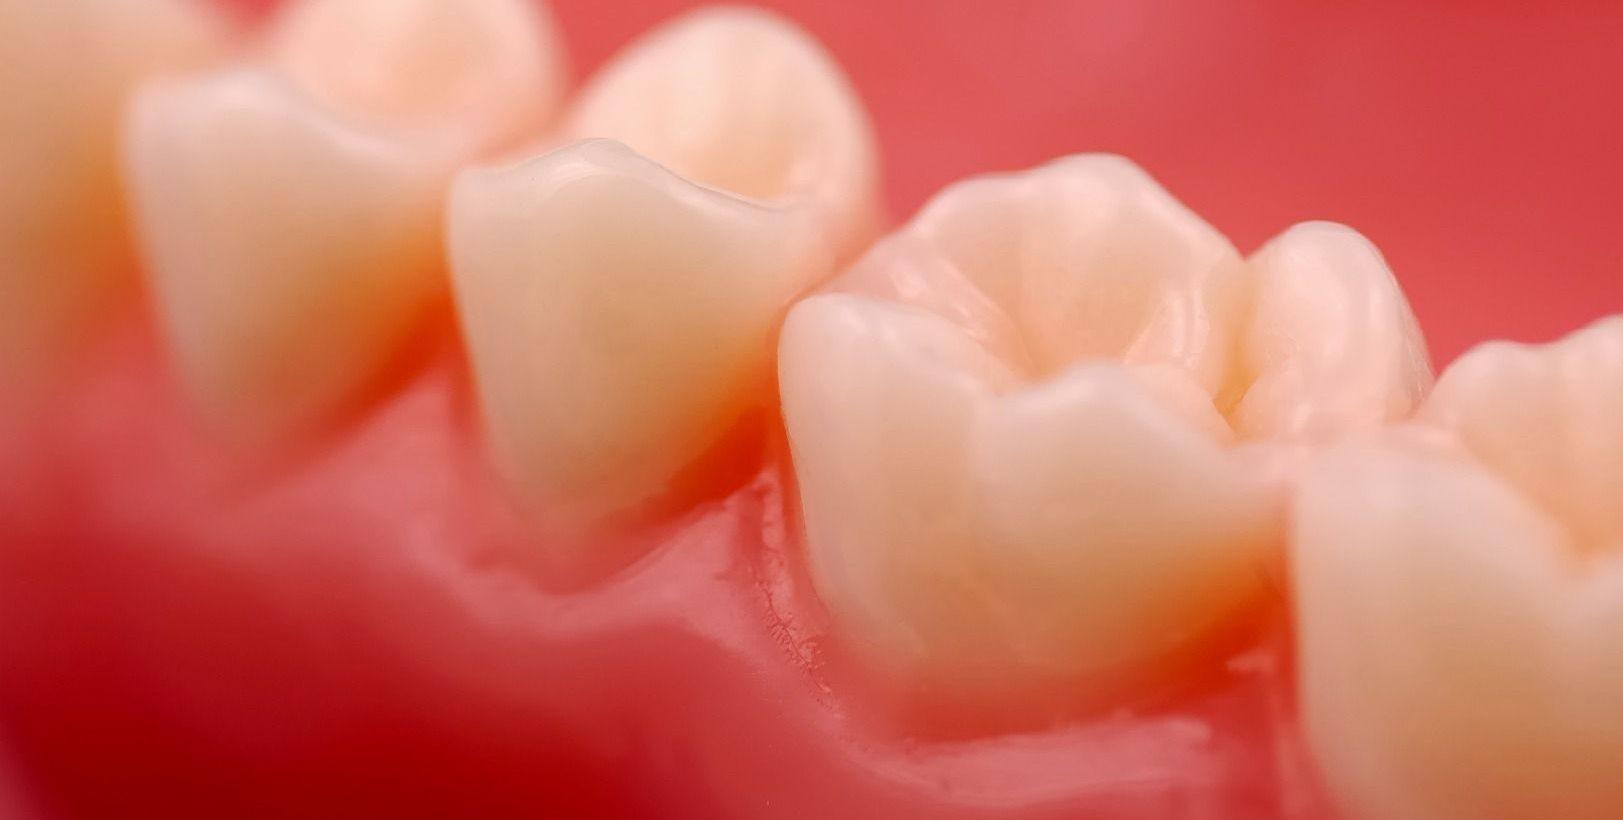 Как укрепить десны зубов в домашних условиях? - Асепта 41